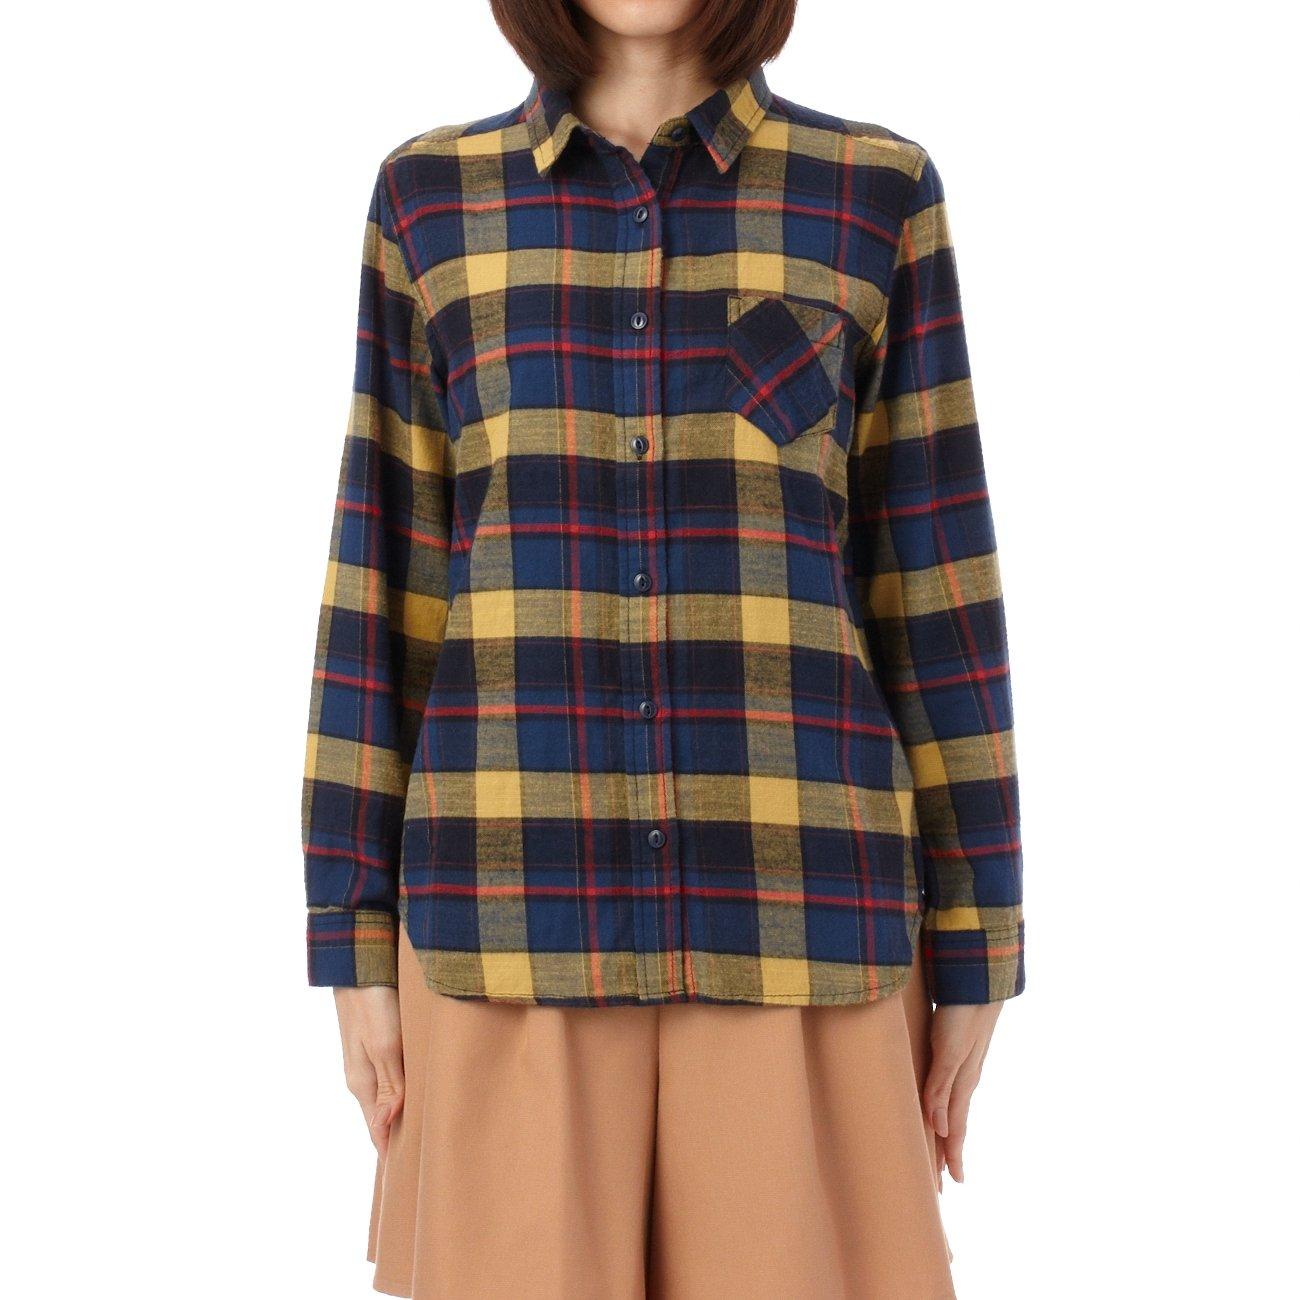 Amazon.co.jp: (ジエンポリアム)THE EMPORIUM チェックネルシャツ: 服&ファッション小物通販